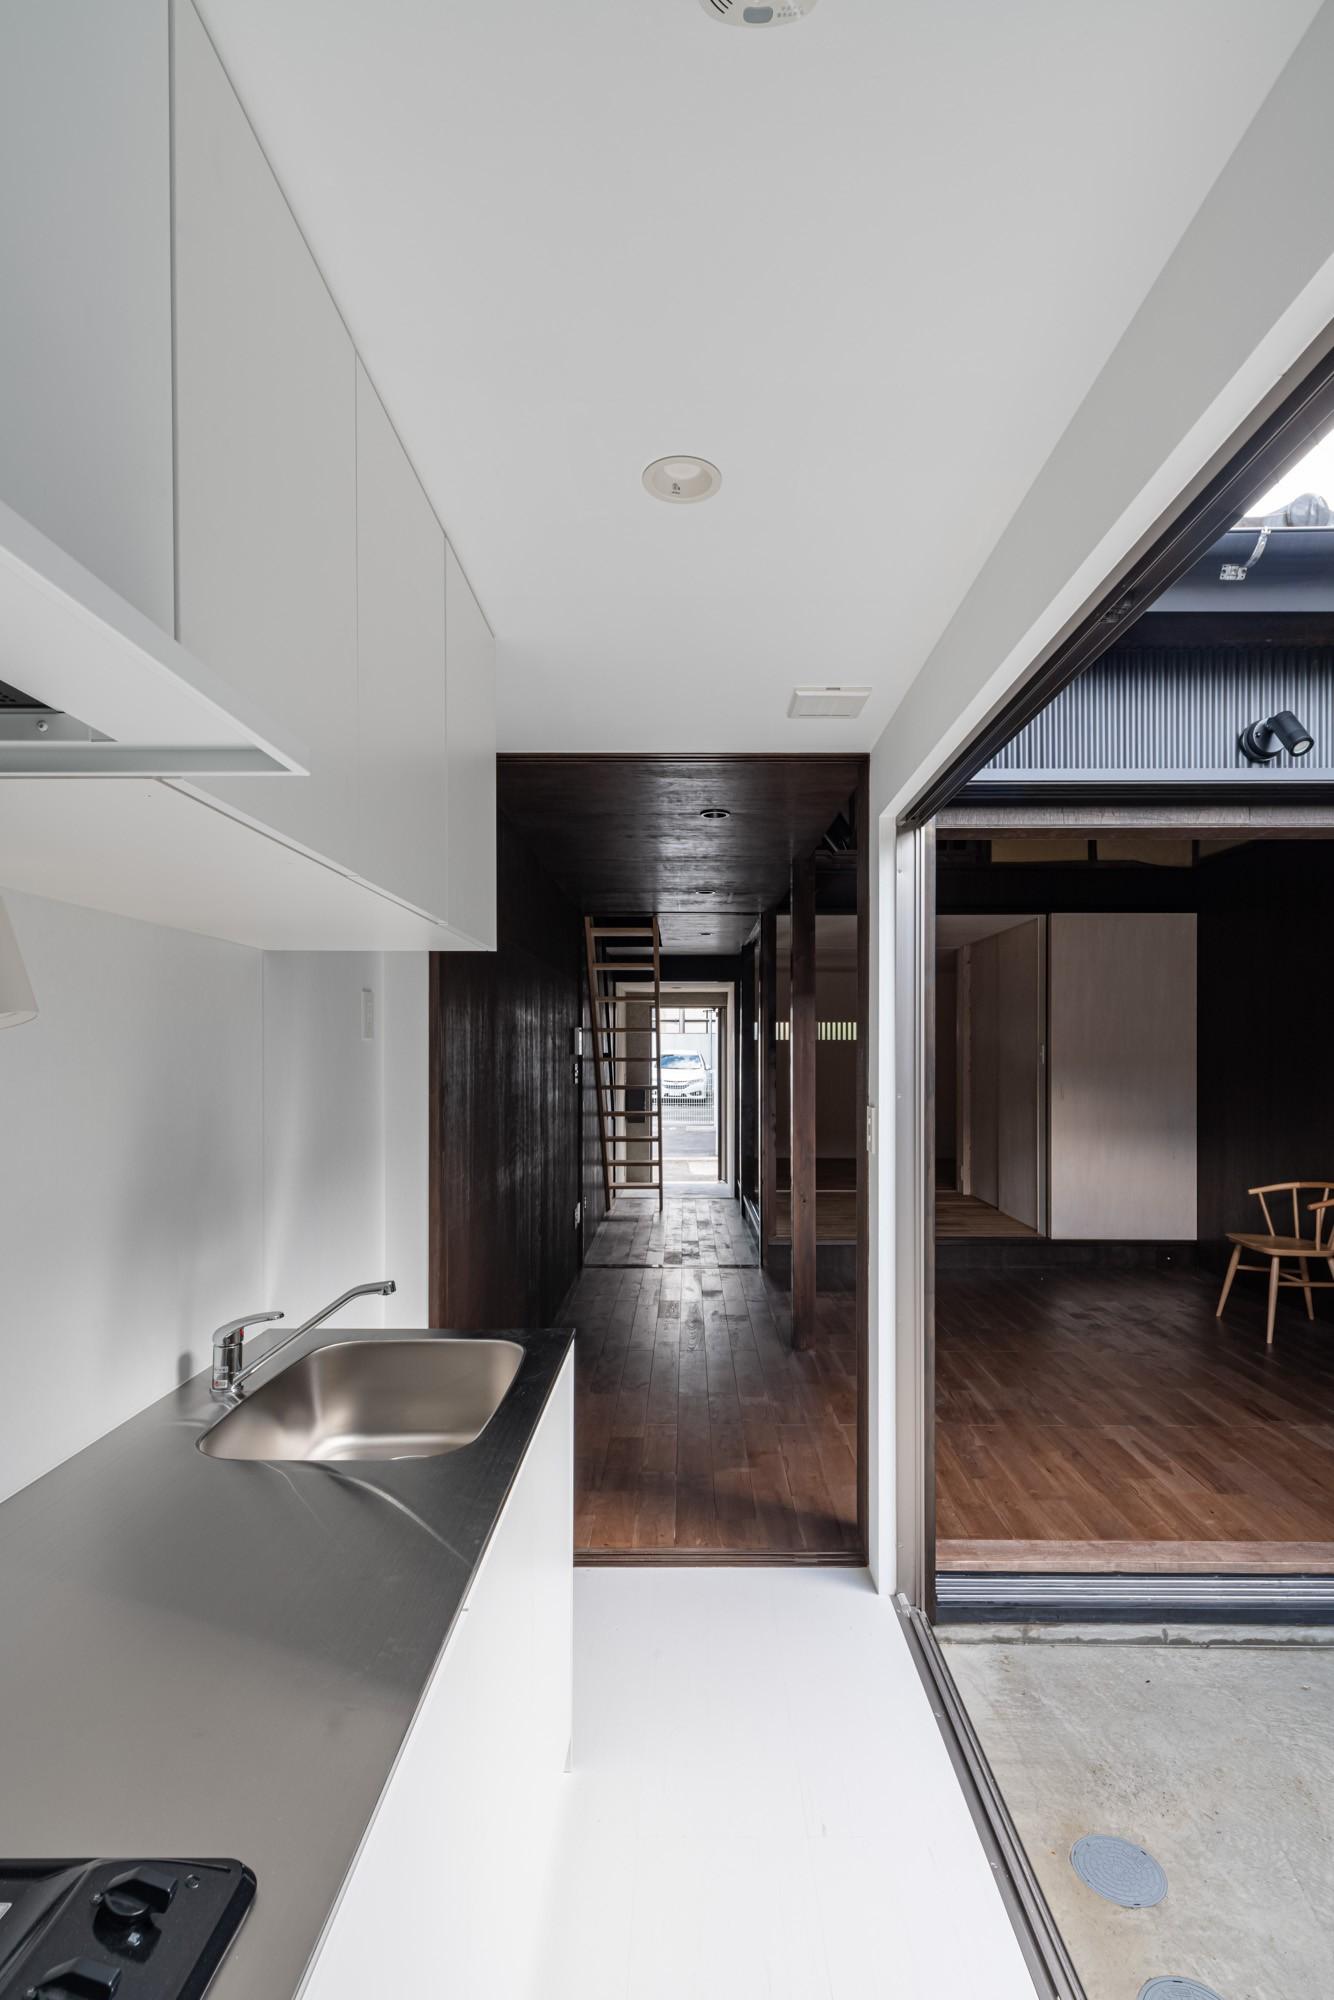 キッチン事例:キッチンから玄関側を見返す /既設では通り土間としていた空間(『RE長屋‐ITO2』~新:旧・モダン:和 のコラボ~(古民家再生))